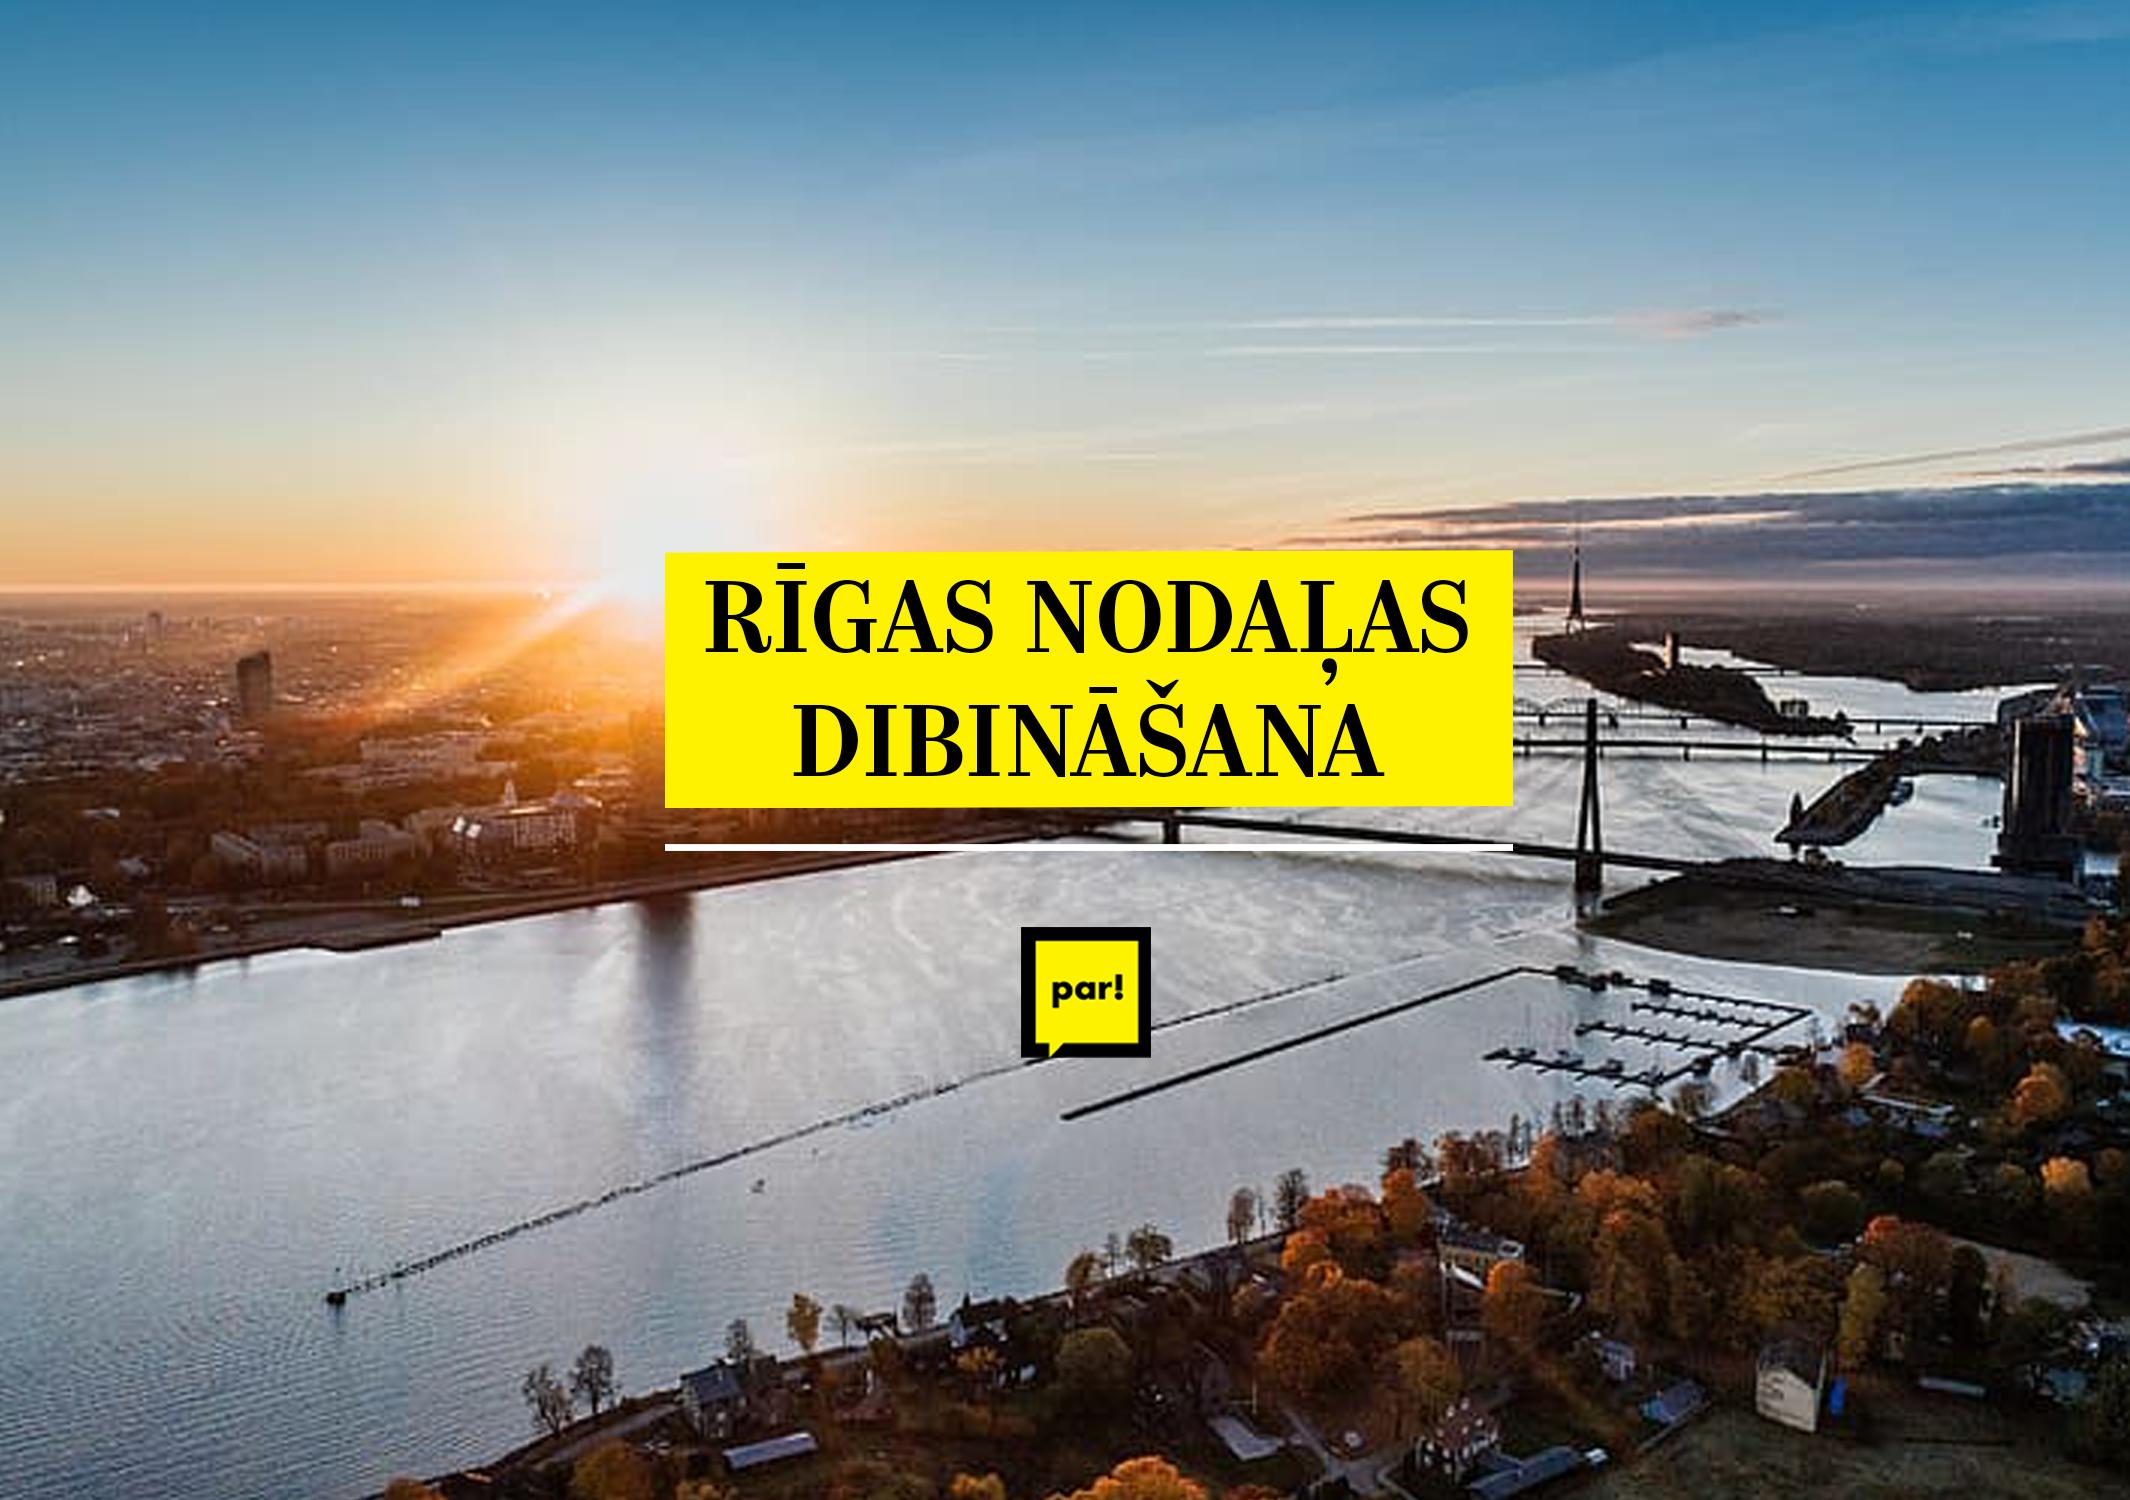 """Kustība """"Par!"""" gatavojas pašvaldību vēlēšanām un dibina nodaļu Rīgā"""